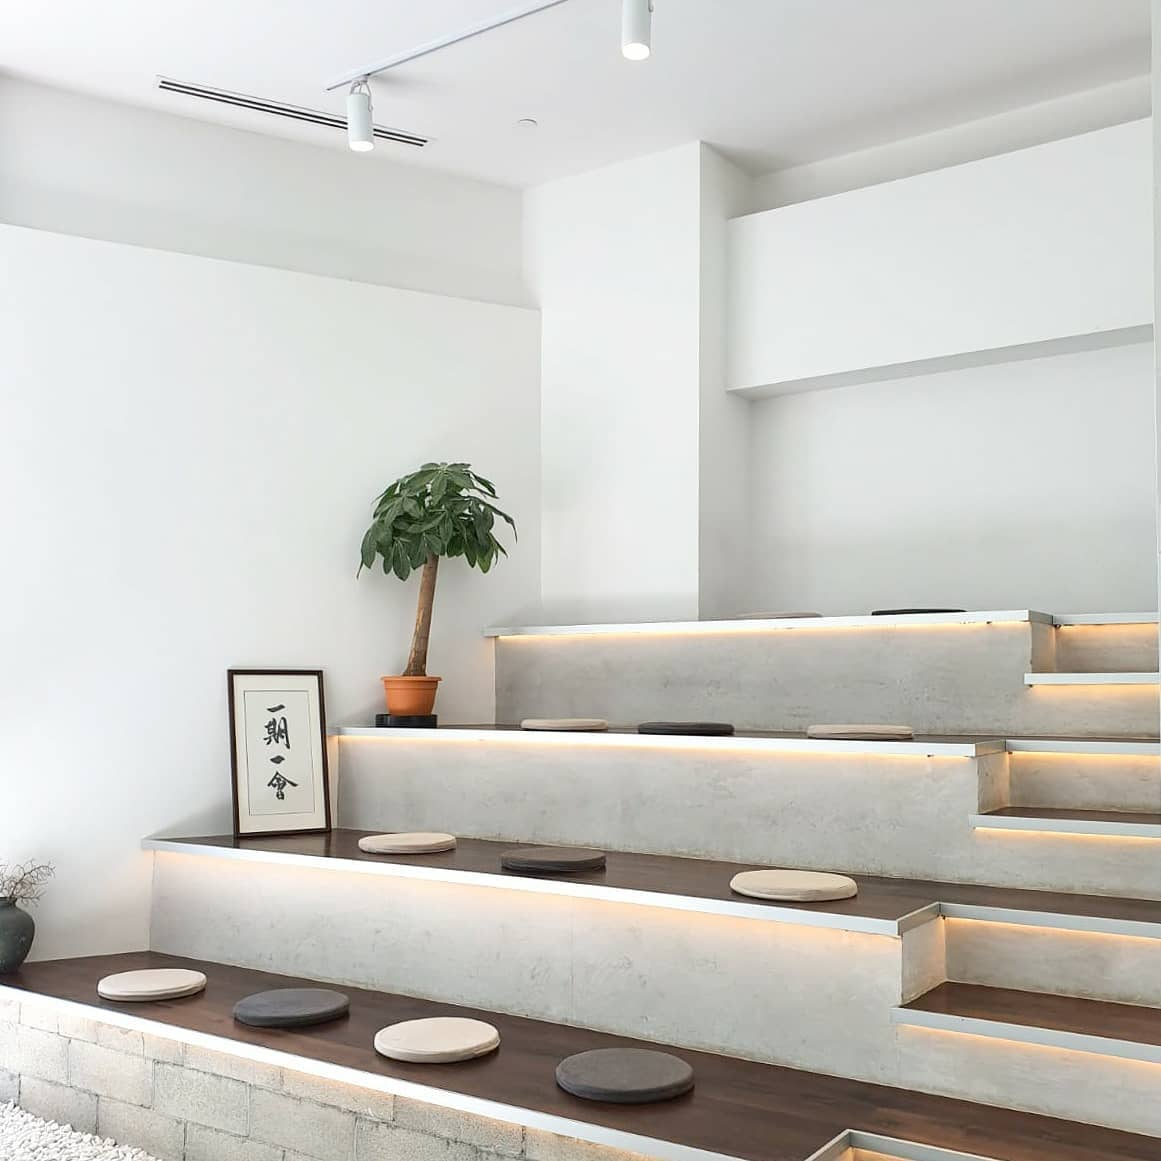 minimalist cafes singapore - Hvala